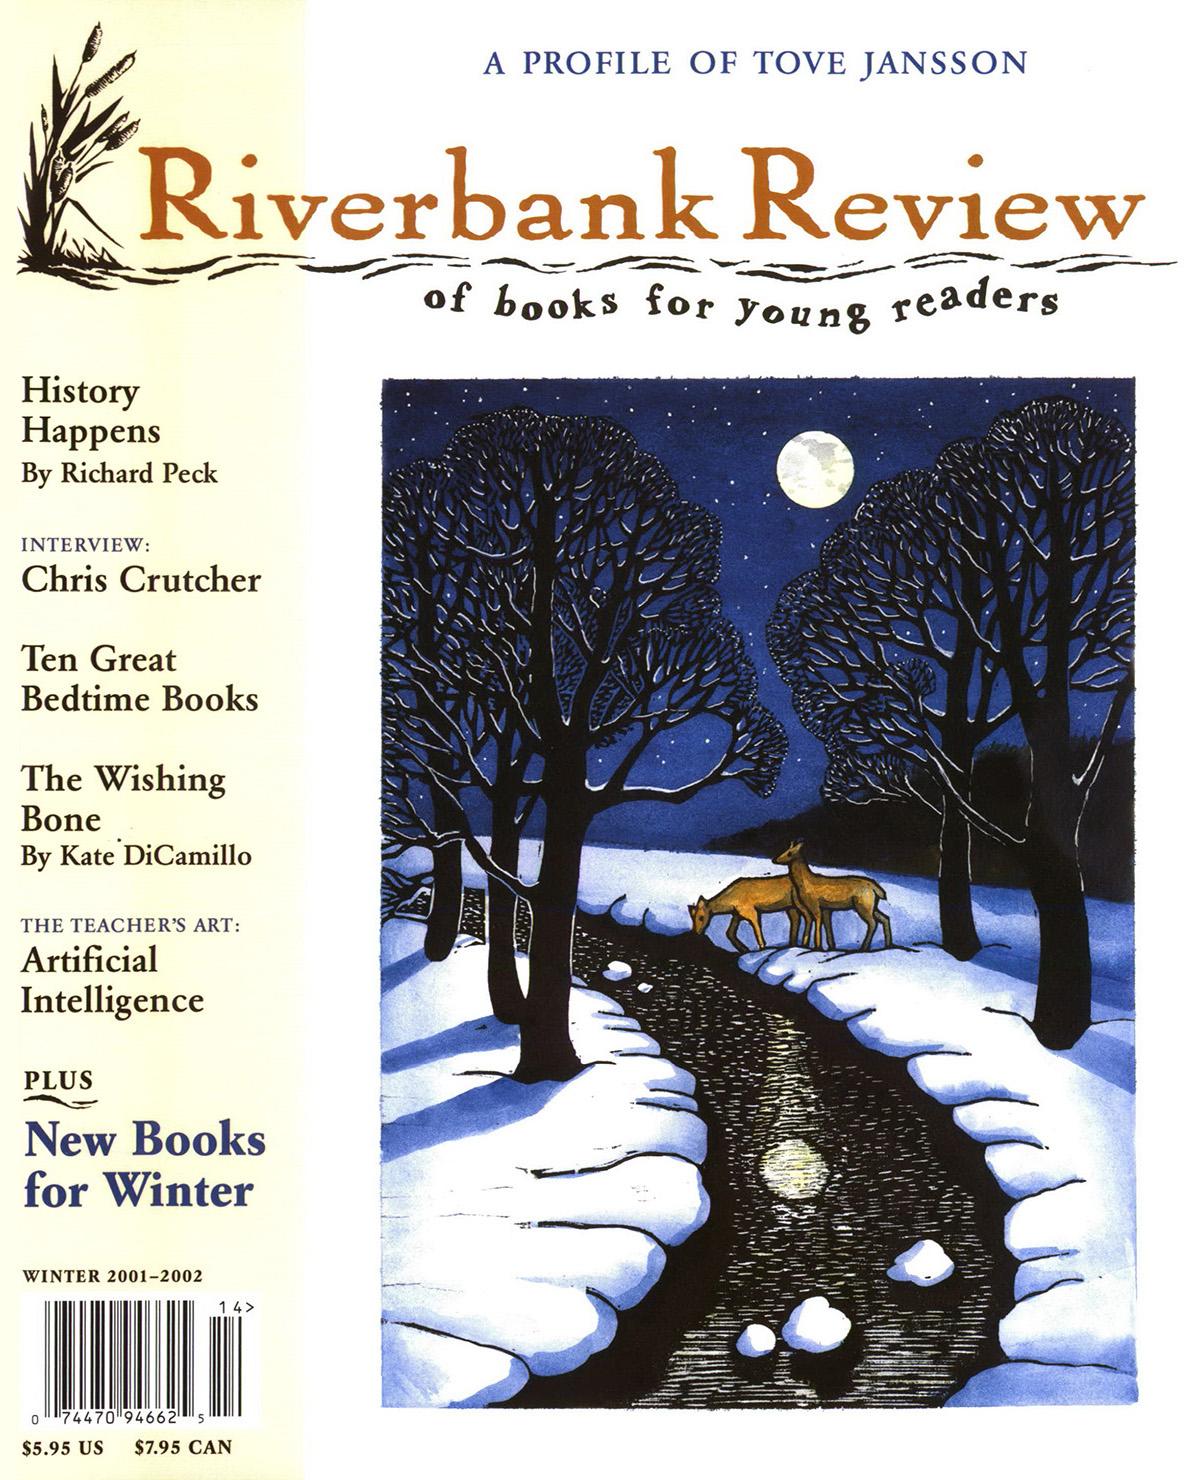 Winter 2001: Mary Azarian